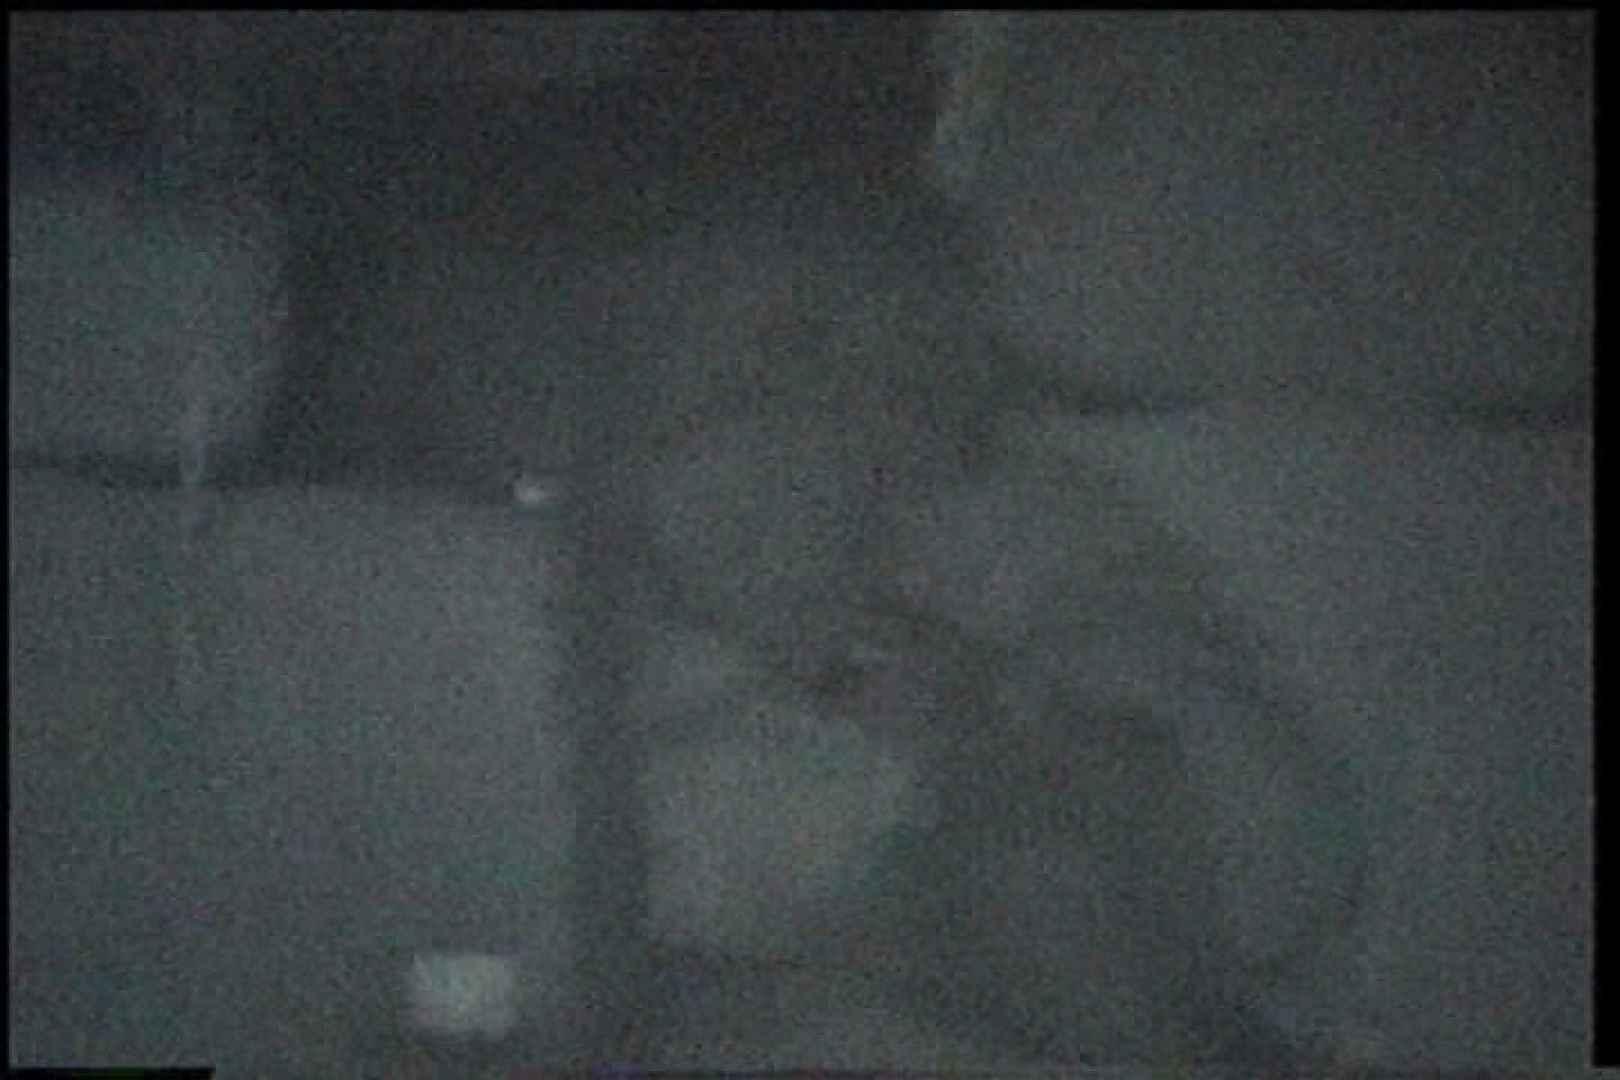 充血監督の深夜の運動会Vol.194 カップル オマンコ動画キャプチャ 103pic 5